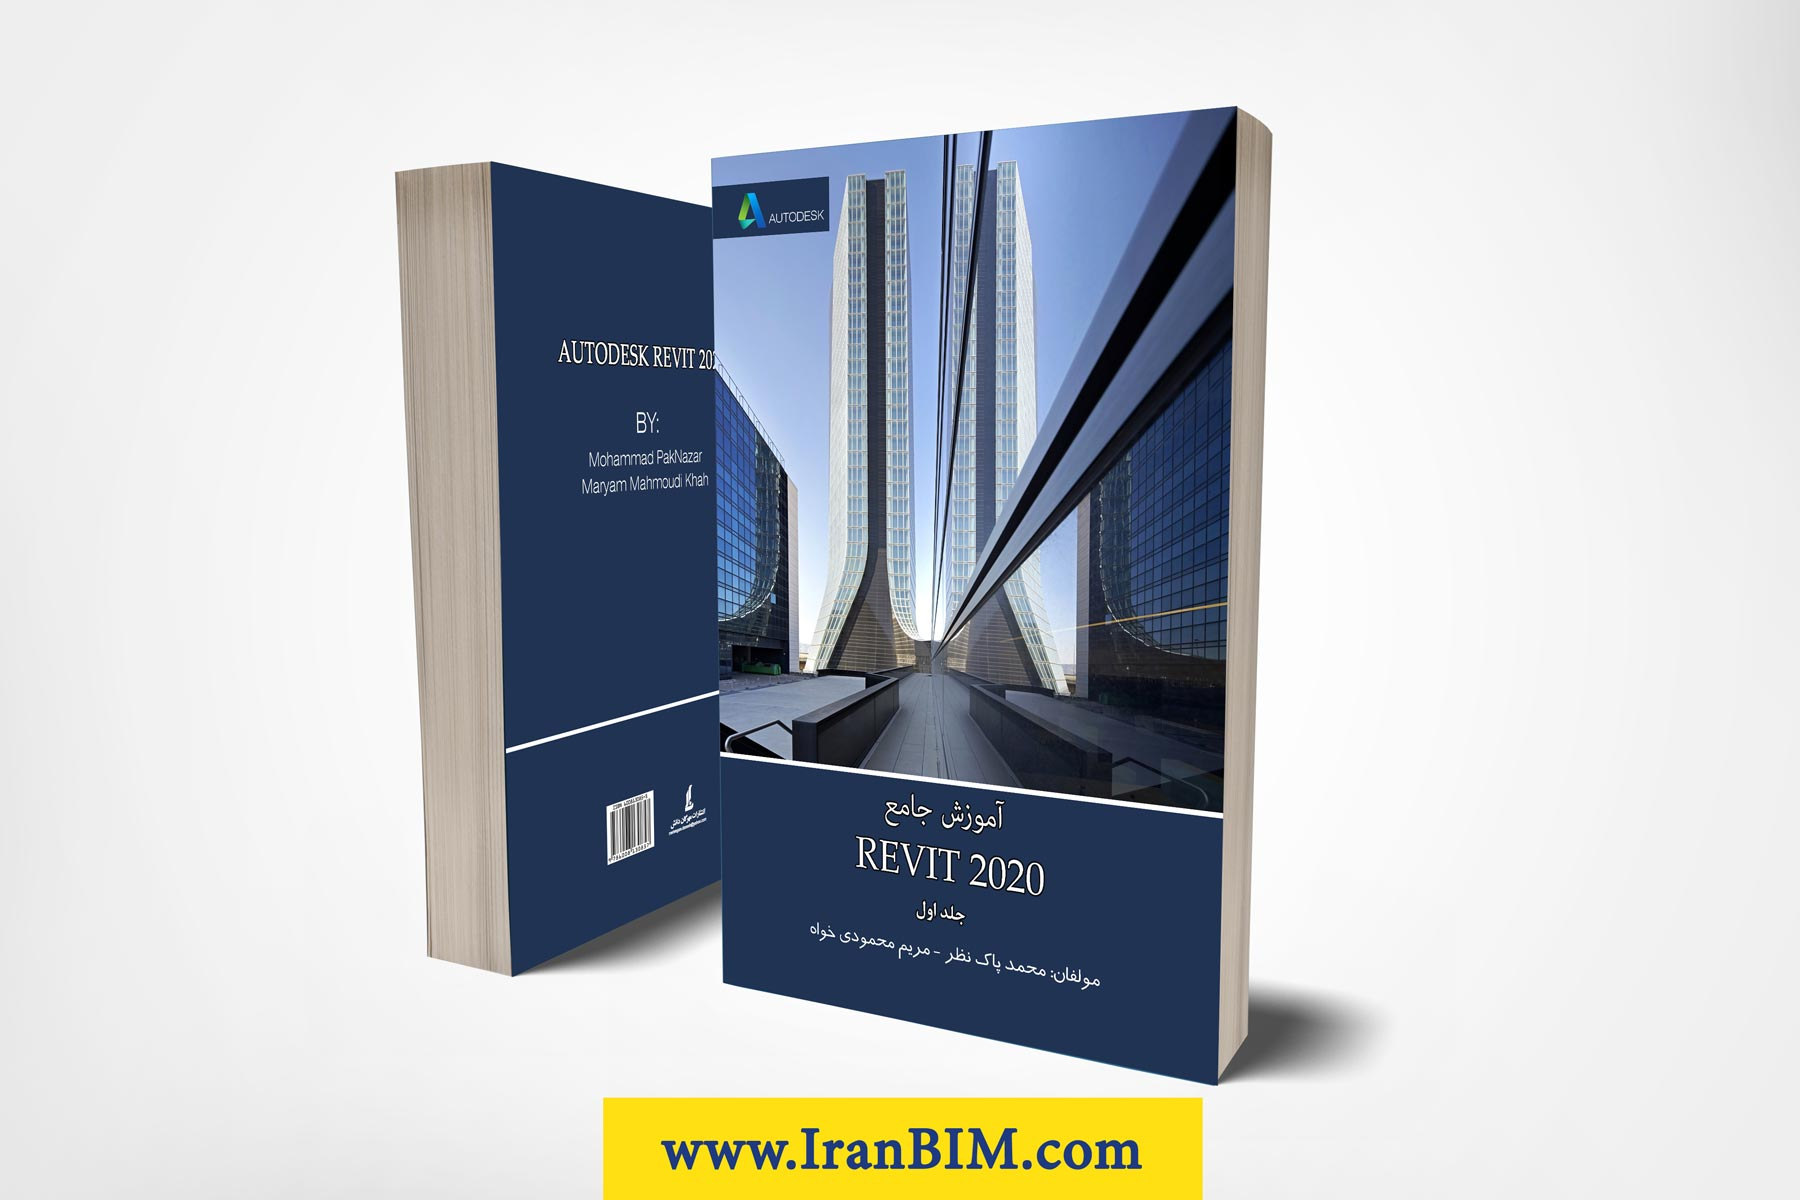 کتاب آموزش رویت